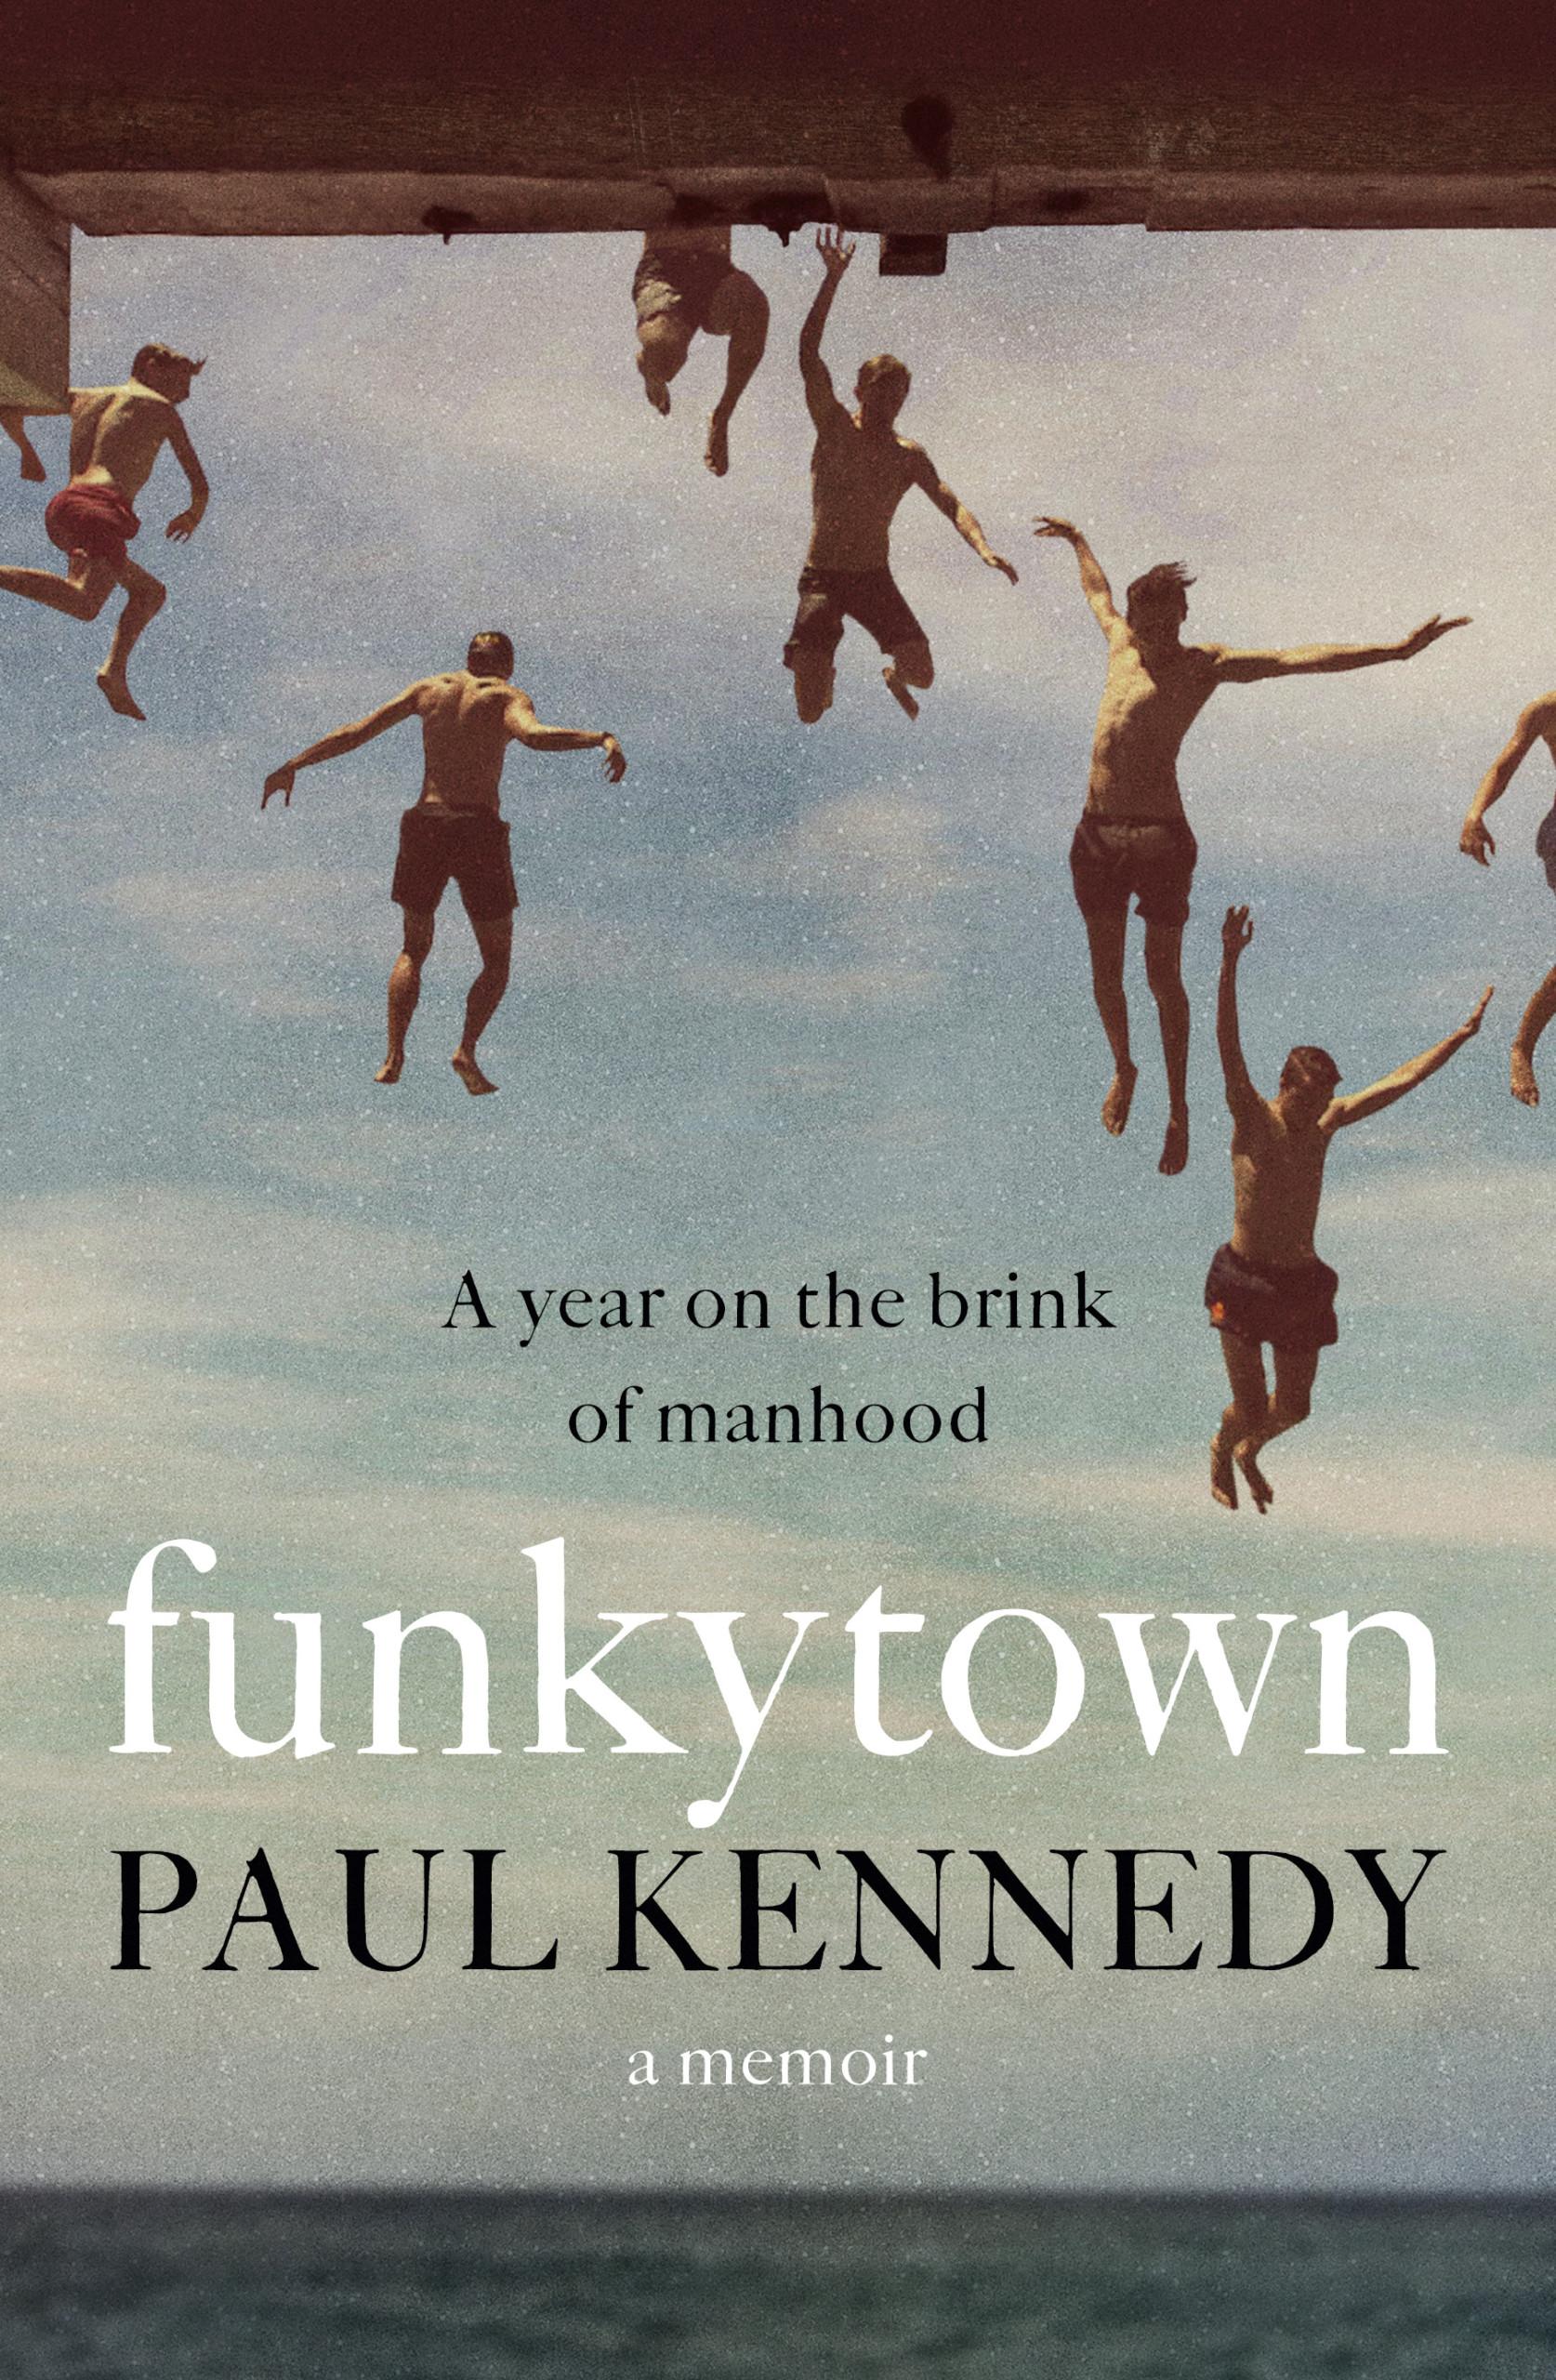 Funkytown by Paul Kennedy